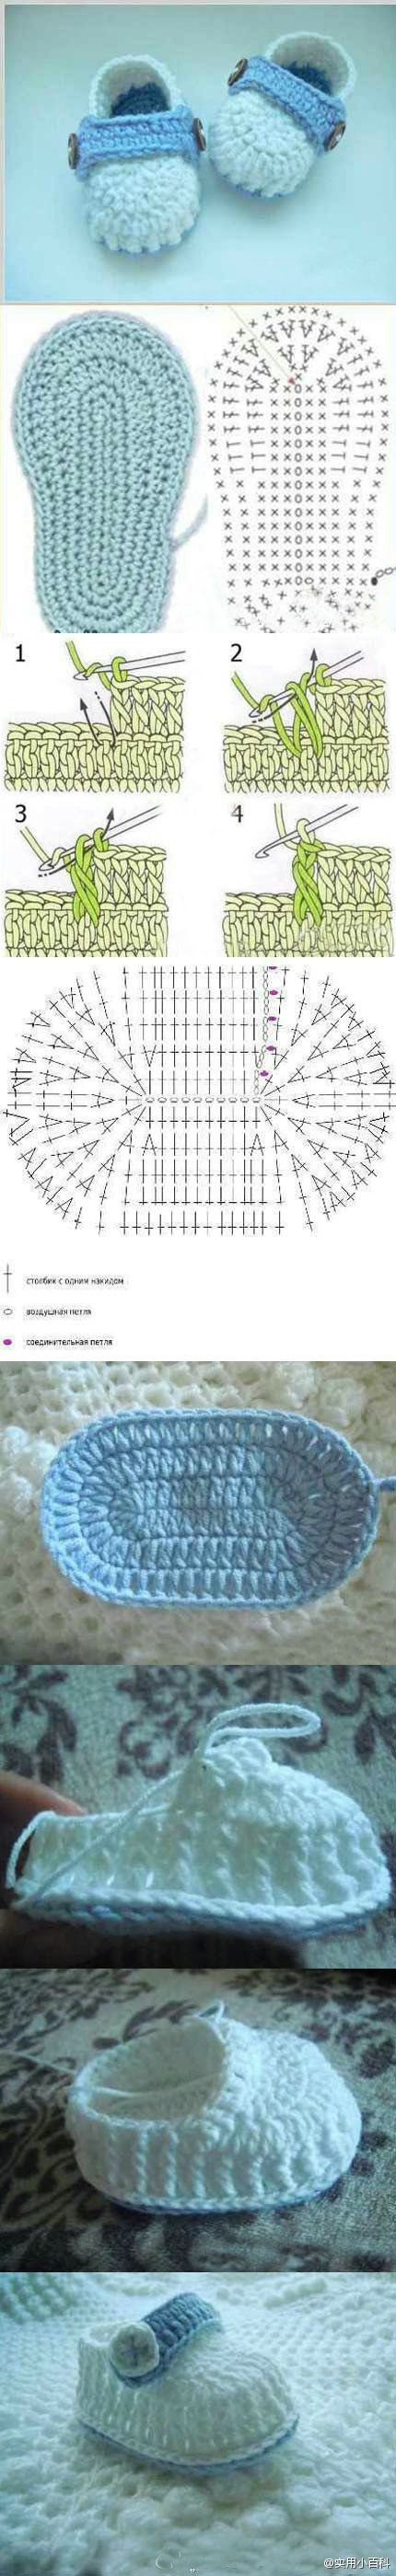 毛线鞋编织...来自葉子紛飛的图片分享-堆糖网